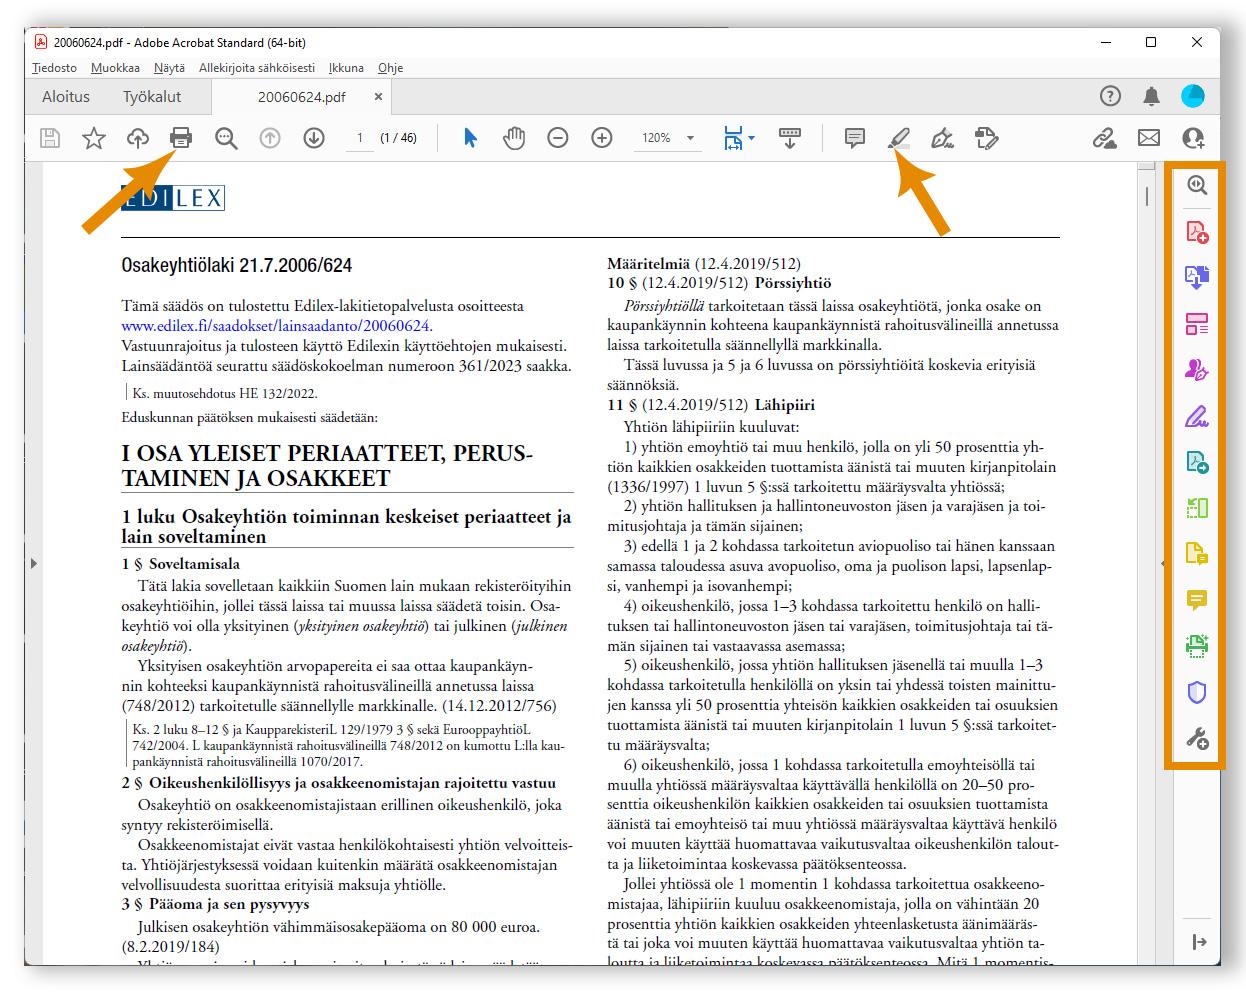 Säädöksen pdf-versio